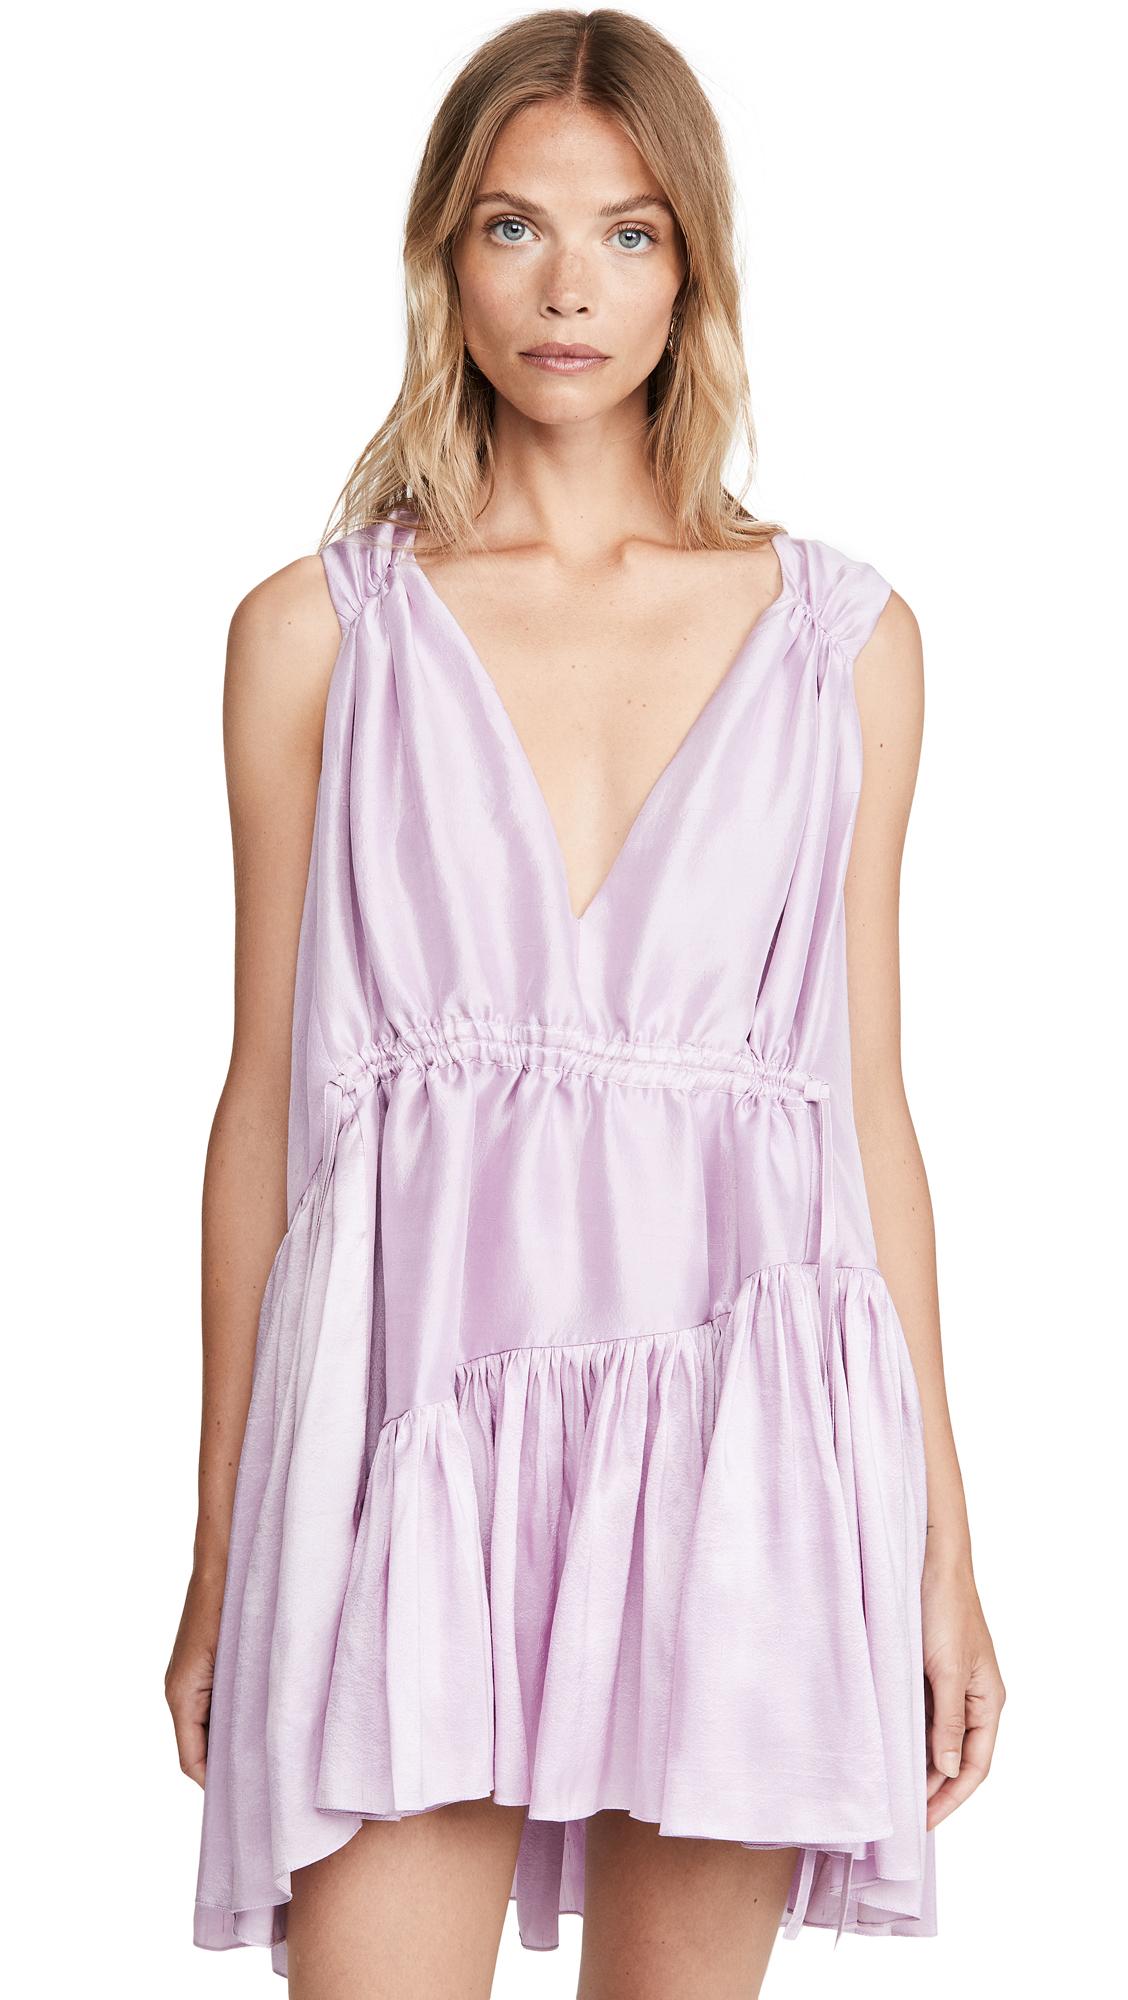 Azeeza Nella Drawstring Mini Dress - 40% Off Sale